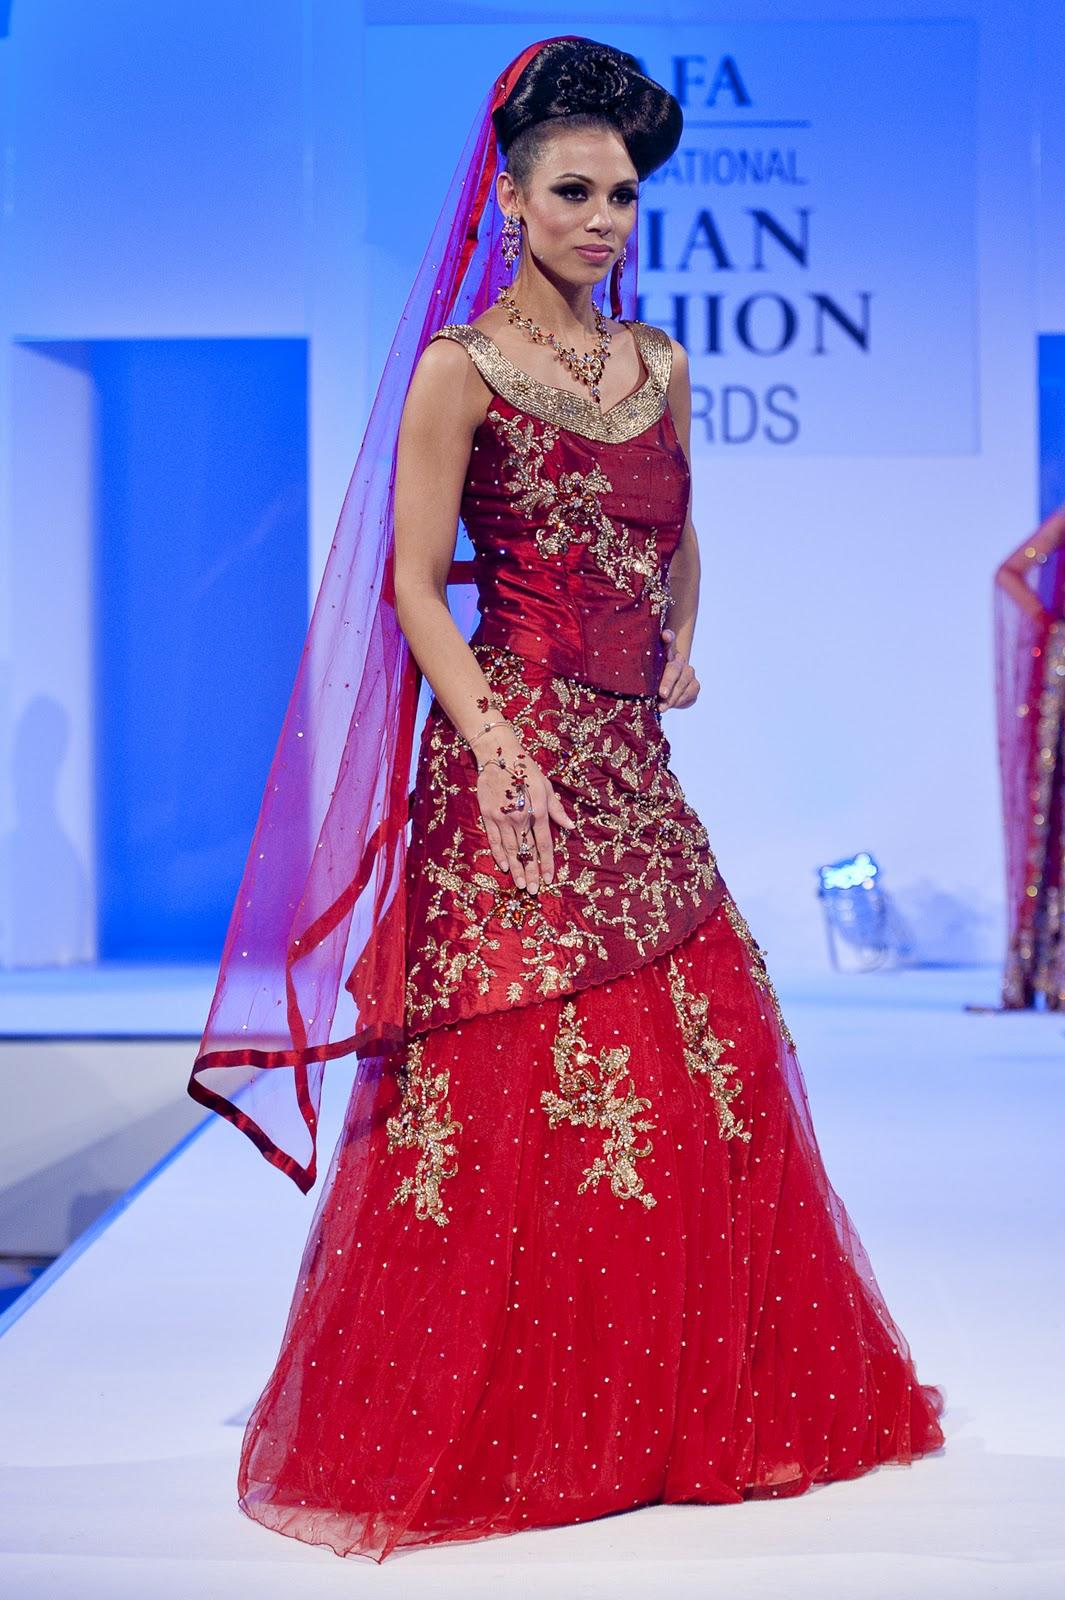 Asian fashion awards